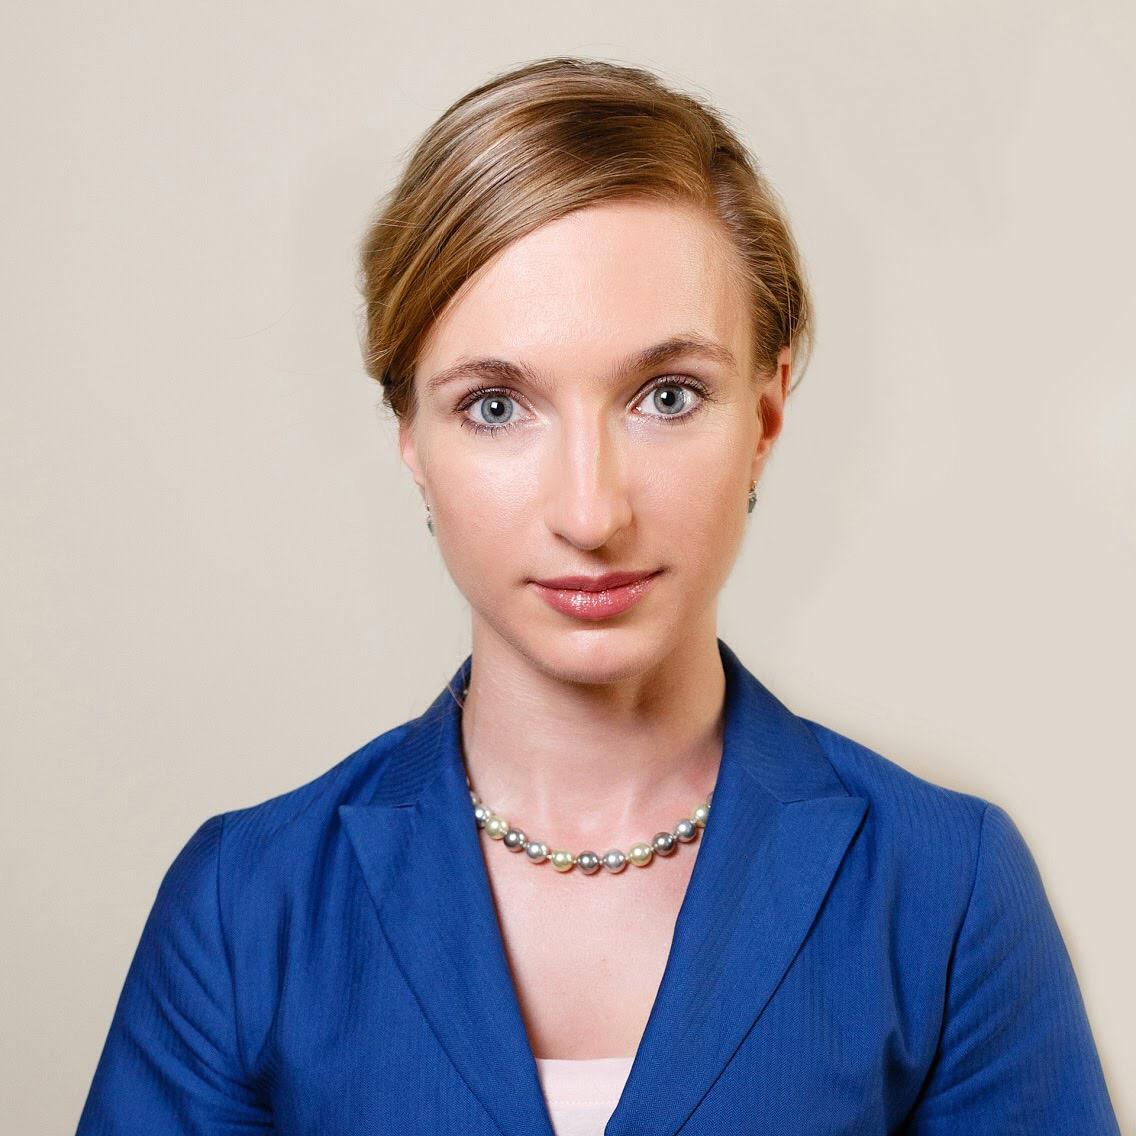 Ночевкина Алёна Игоревна